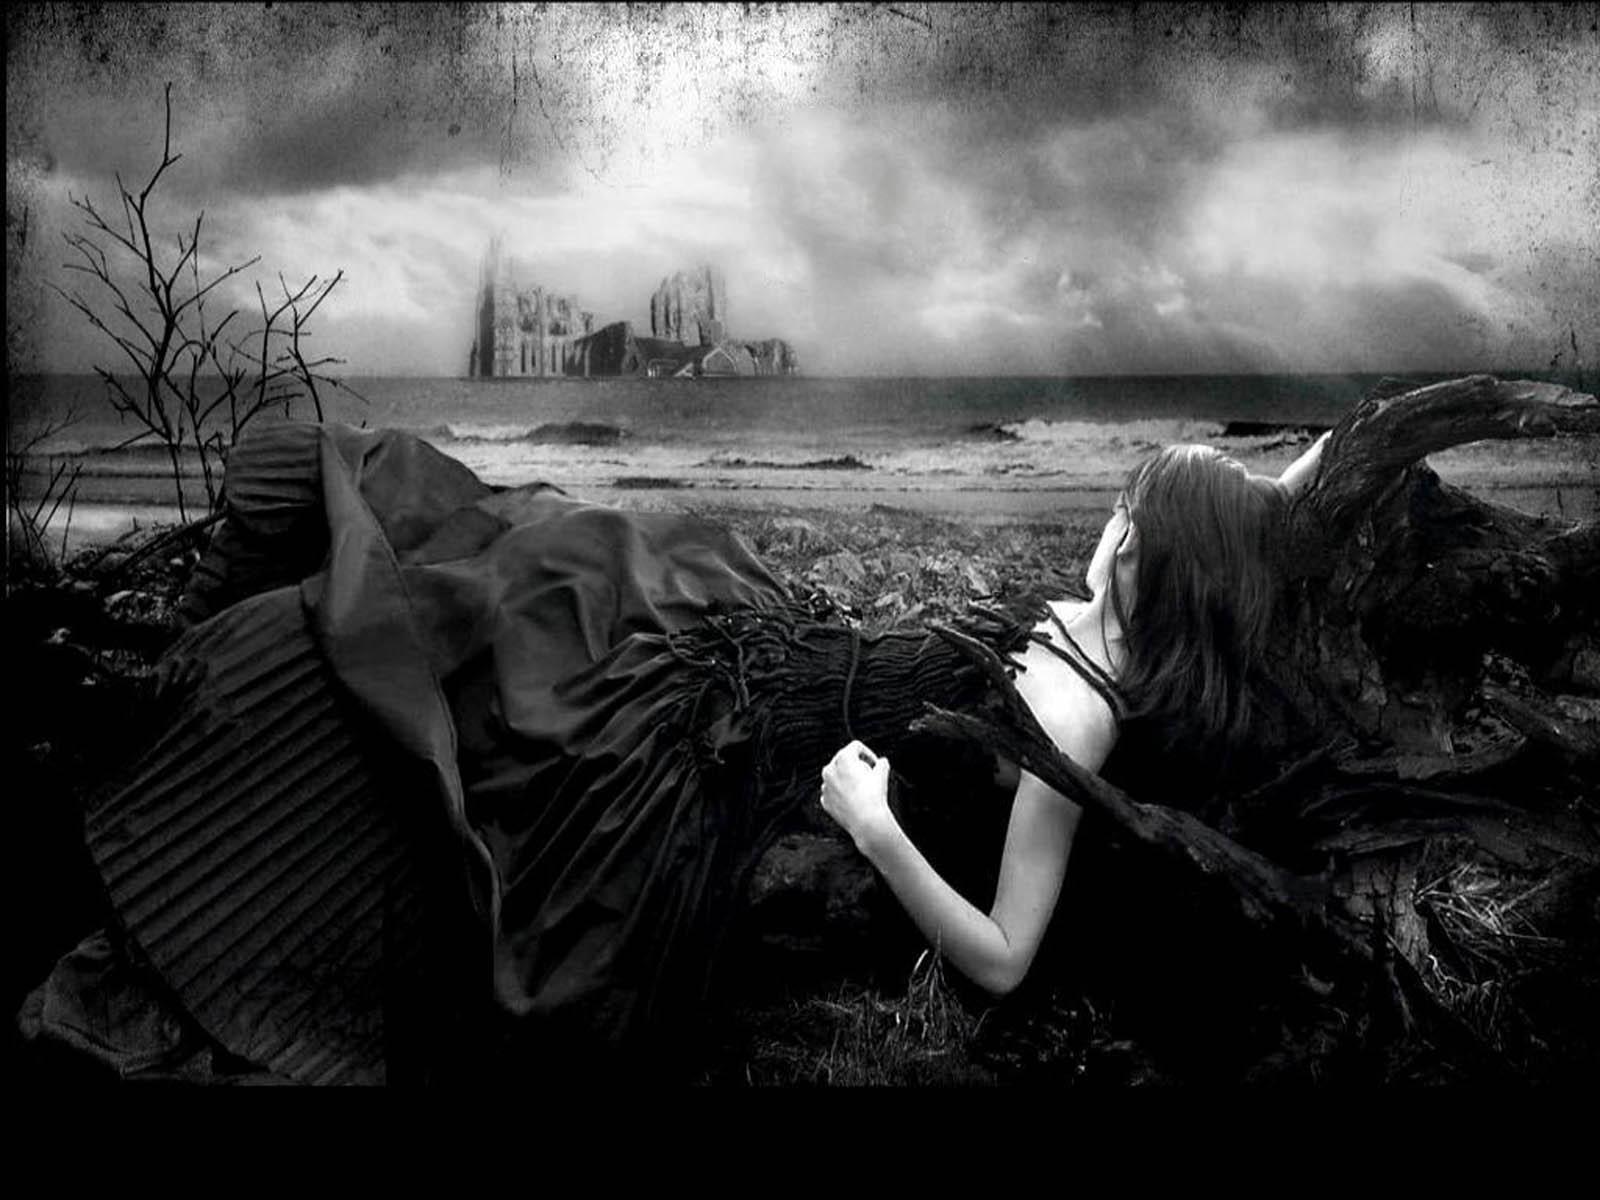 Free Download The Dark Gothic Wallpapers Dark Gothic Desktop